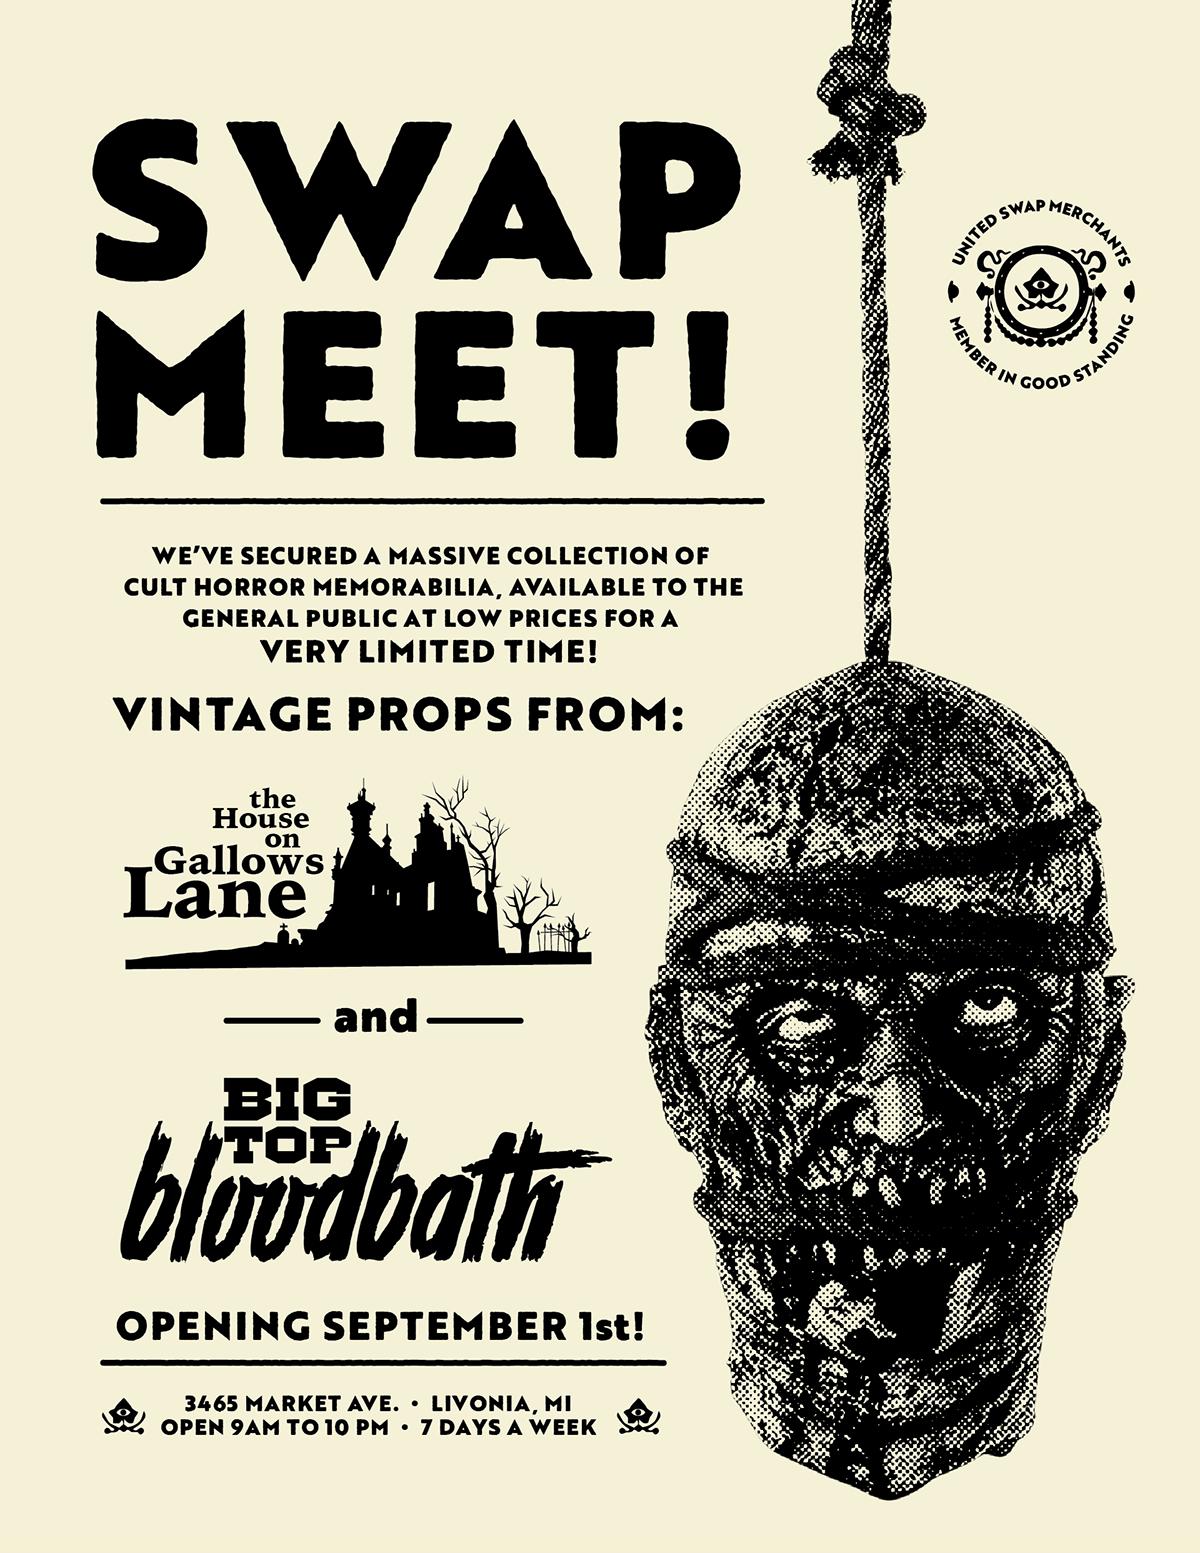 Swap Meet Flyer